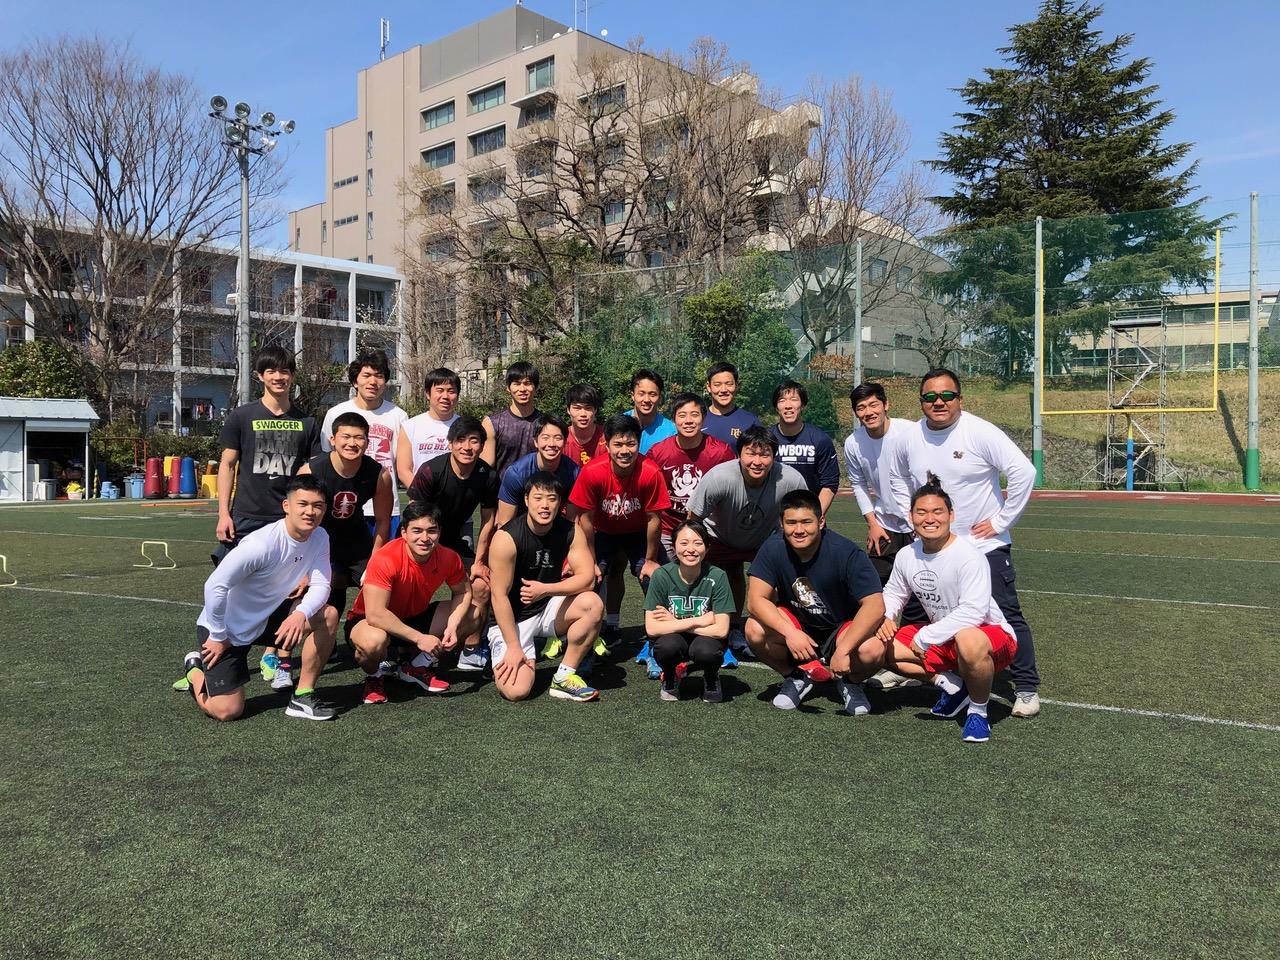 春季練習で体力向上を目指す、中村多聞さん(右端)が指導する早稲田大学ビッグベアーズの選手たち